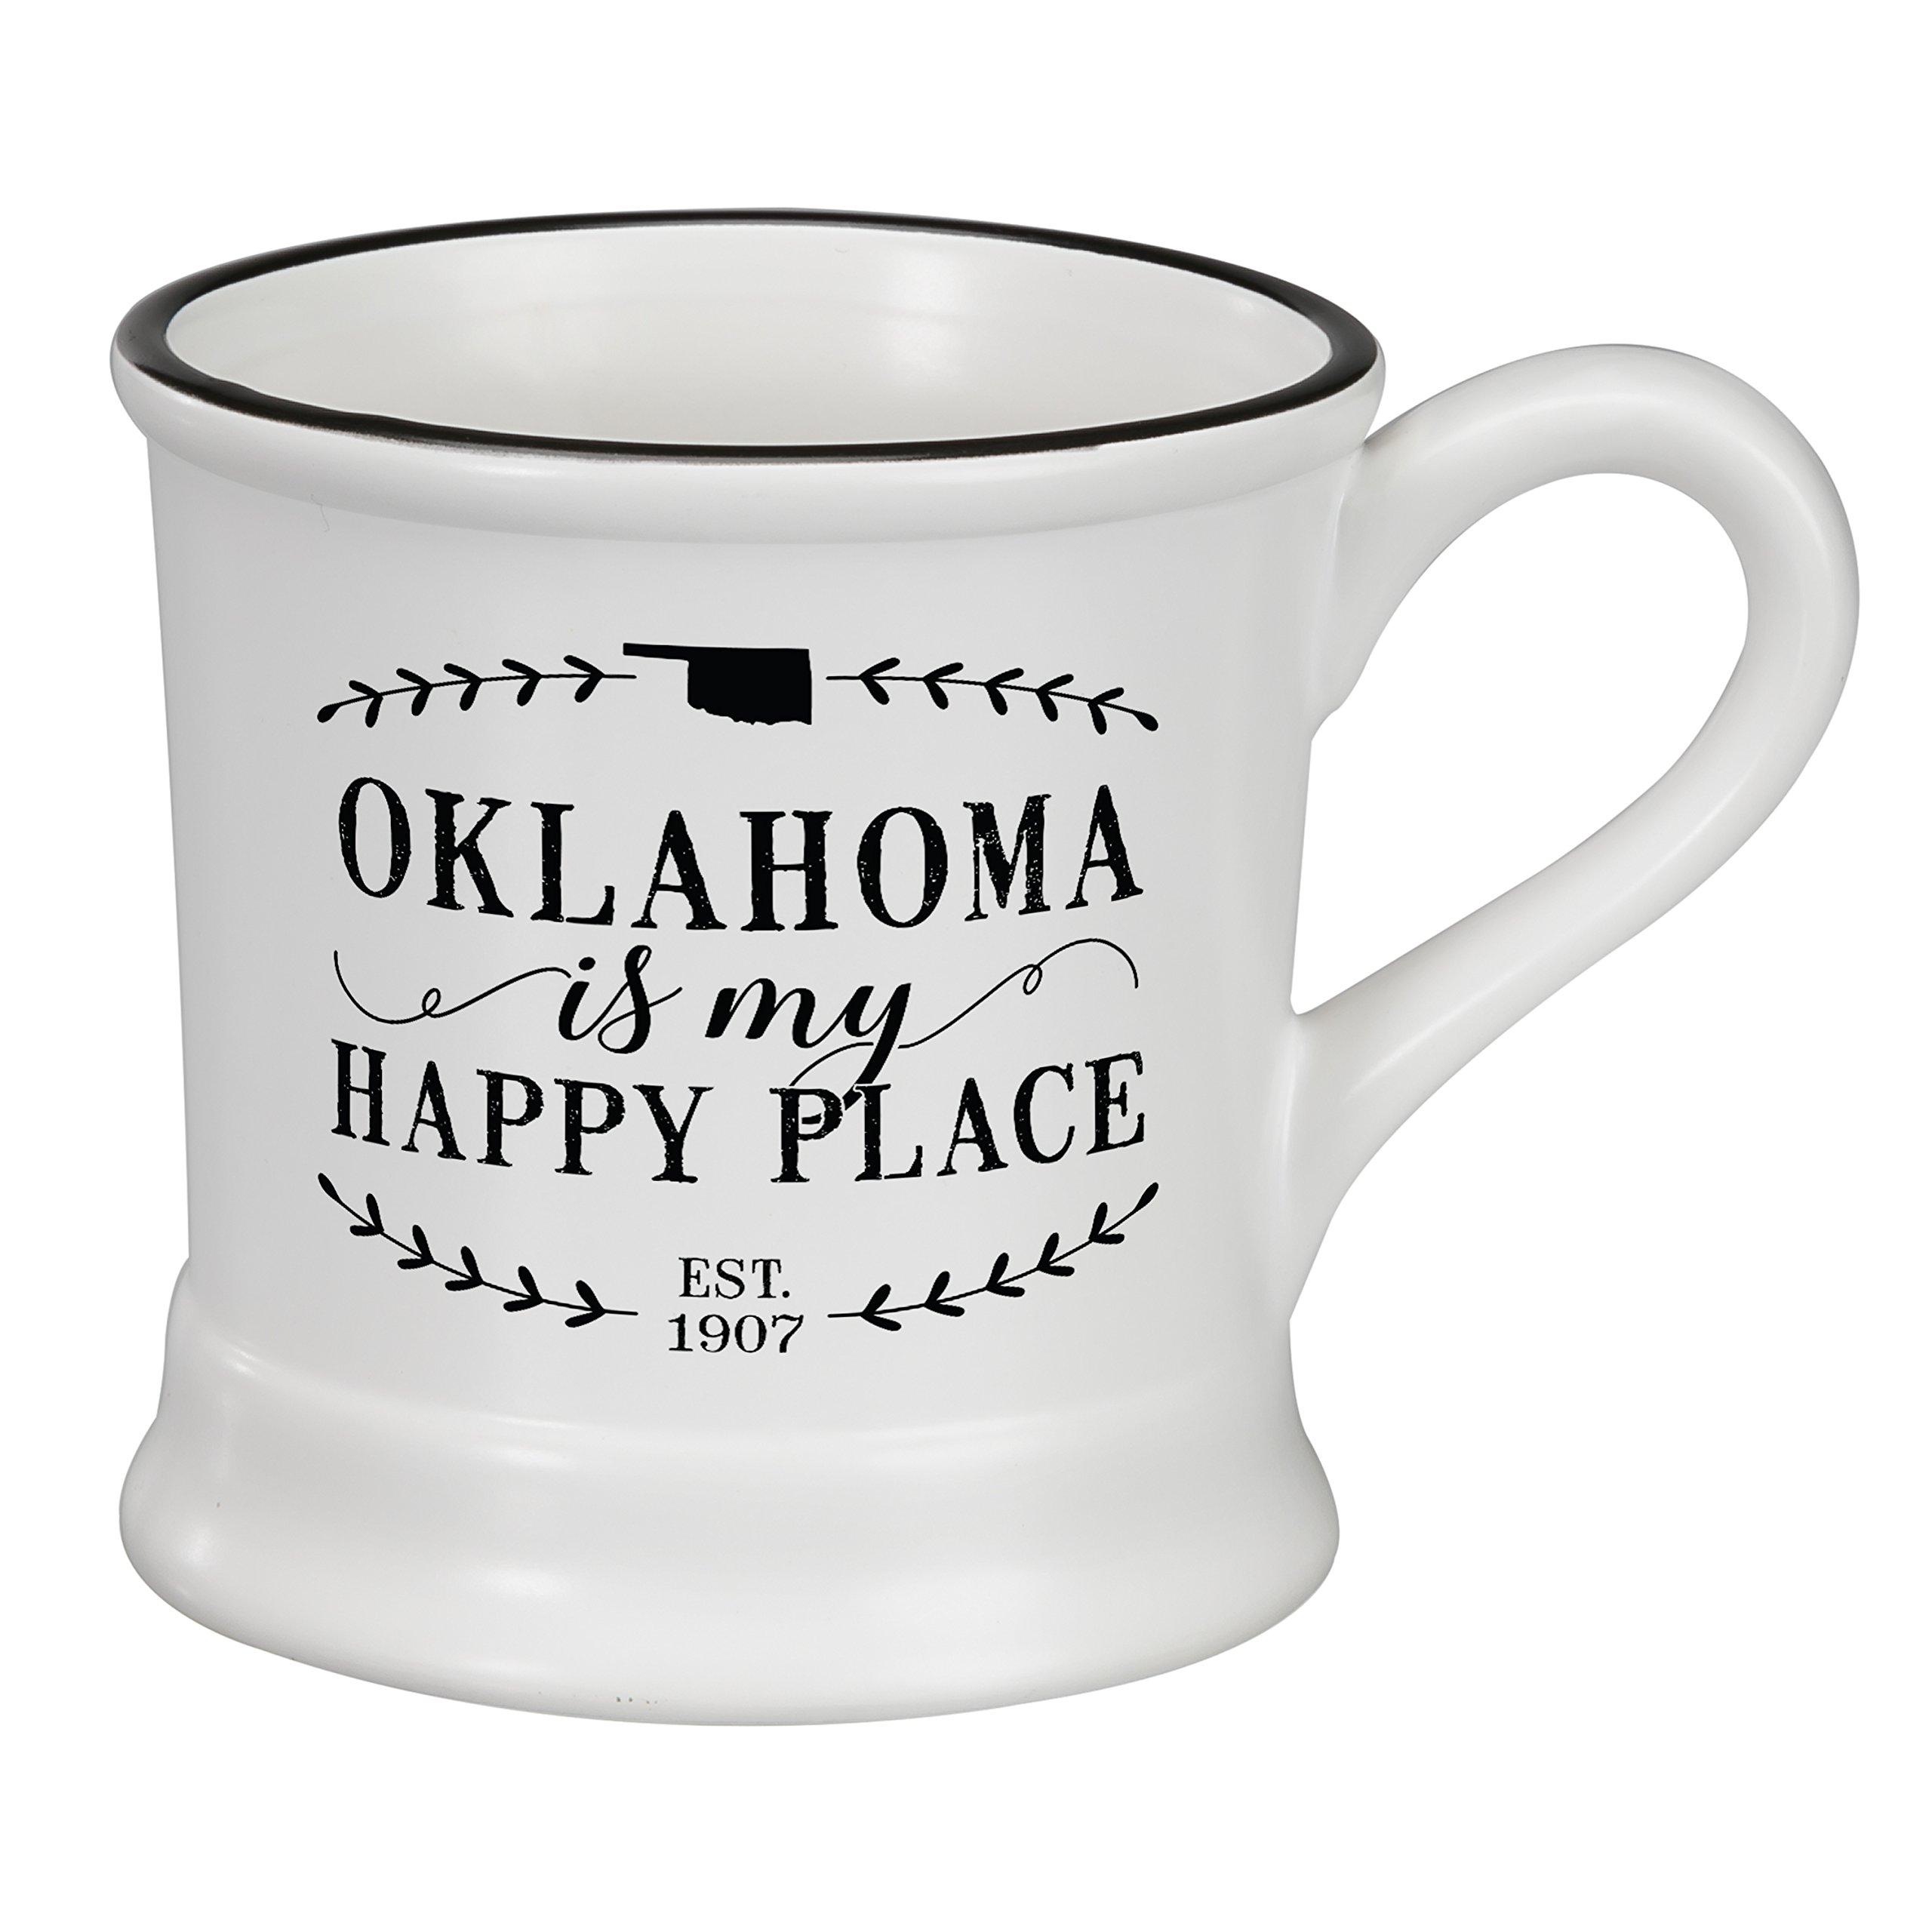 Occasionally Made O-HSS-MUG-OK 14 oz Oklahoma Ceramic Mug